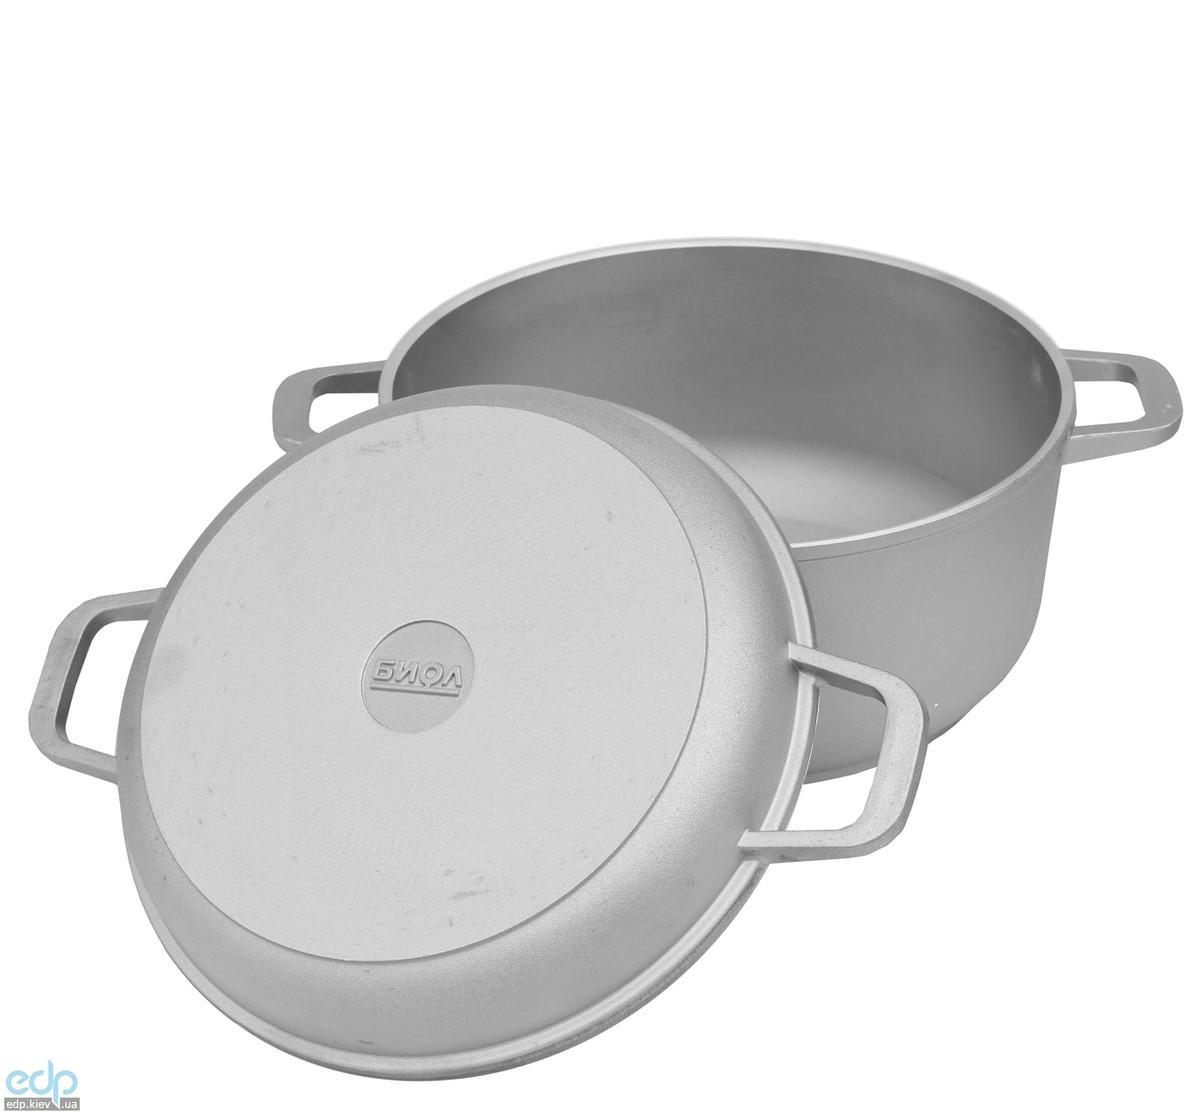 Биол - Кастрюля + крышка-сковорода алюминиевая объем 3 л (К302)